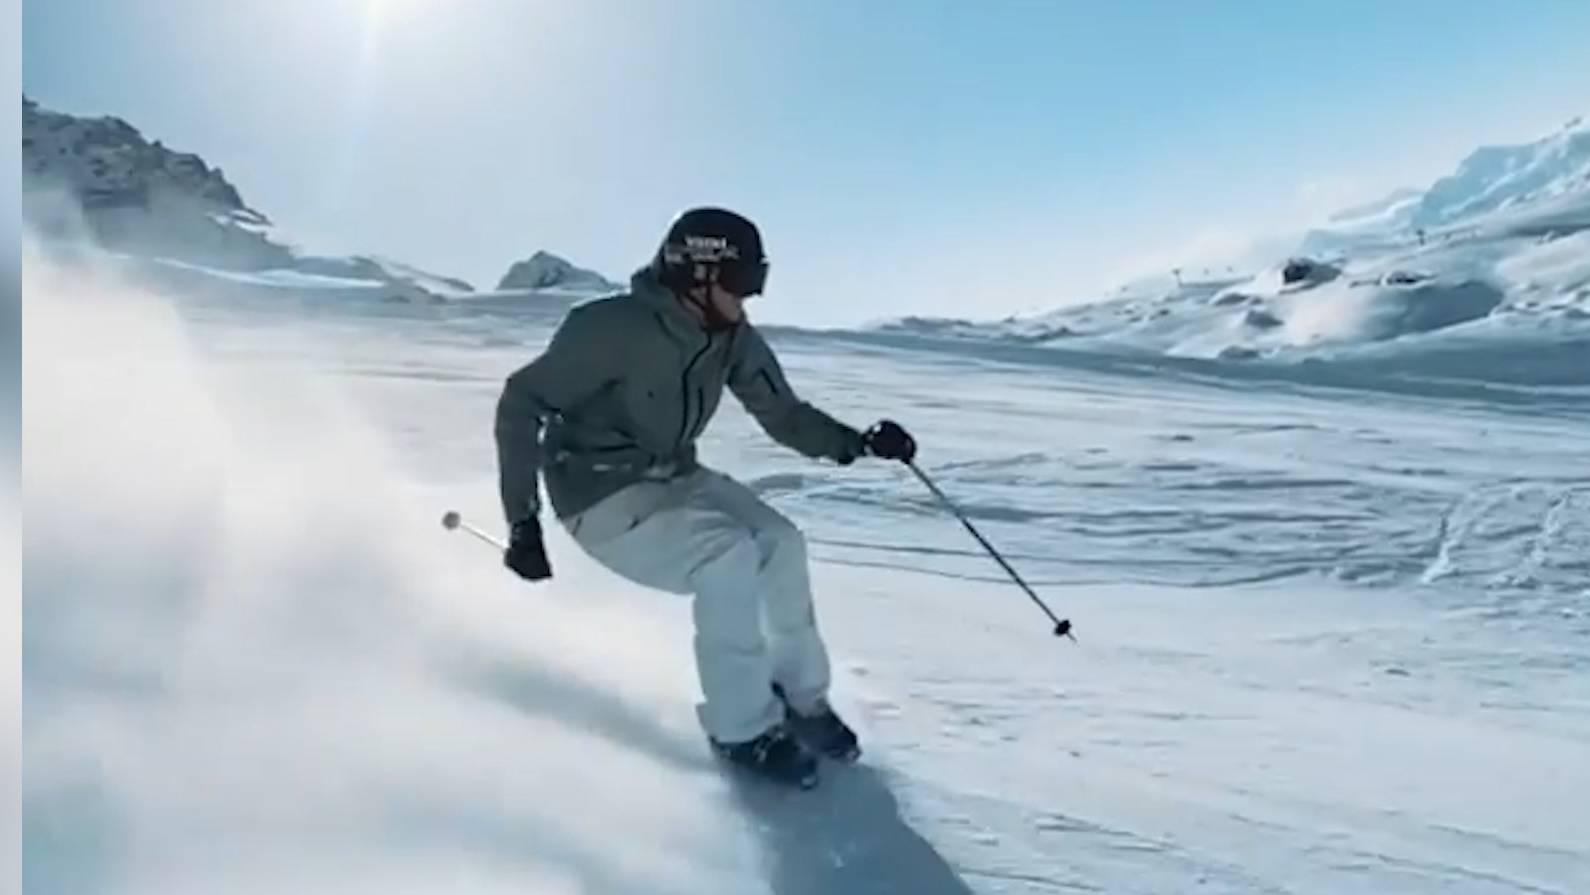 Freestyle-Skifahrer Andri Ragettli ist bekannt für ausgefallene Aktion auf und neben der Piste.